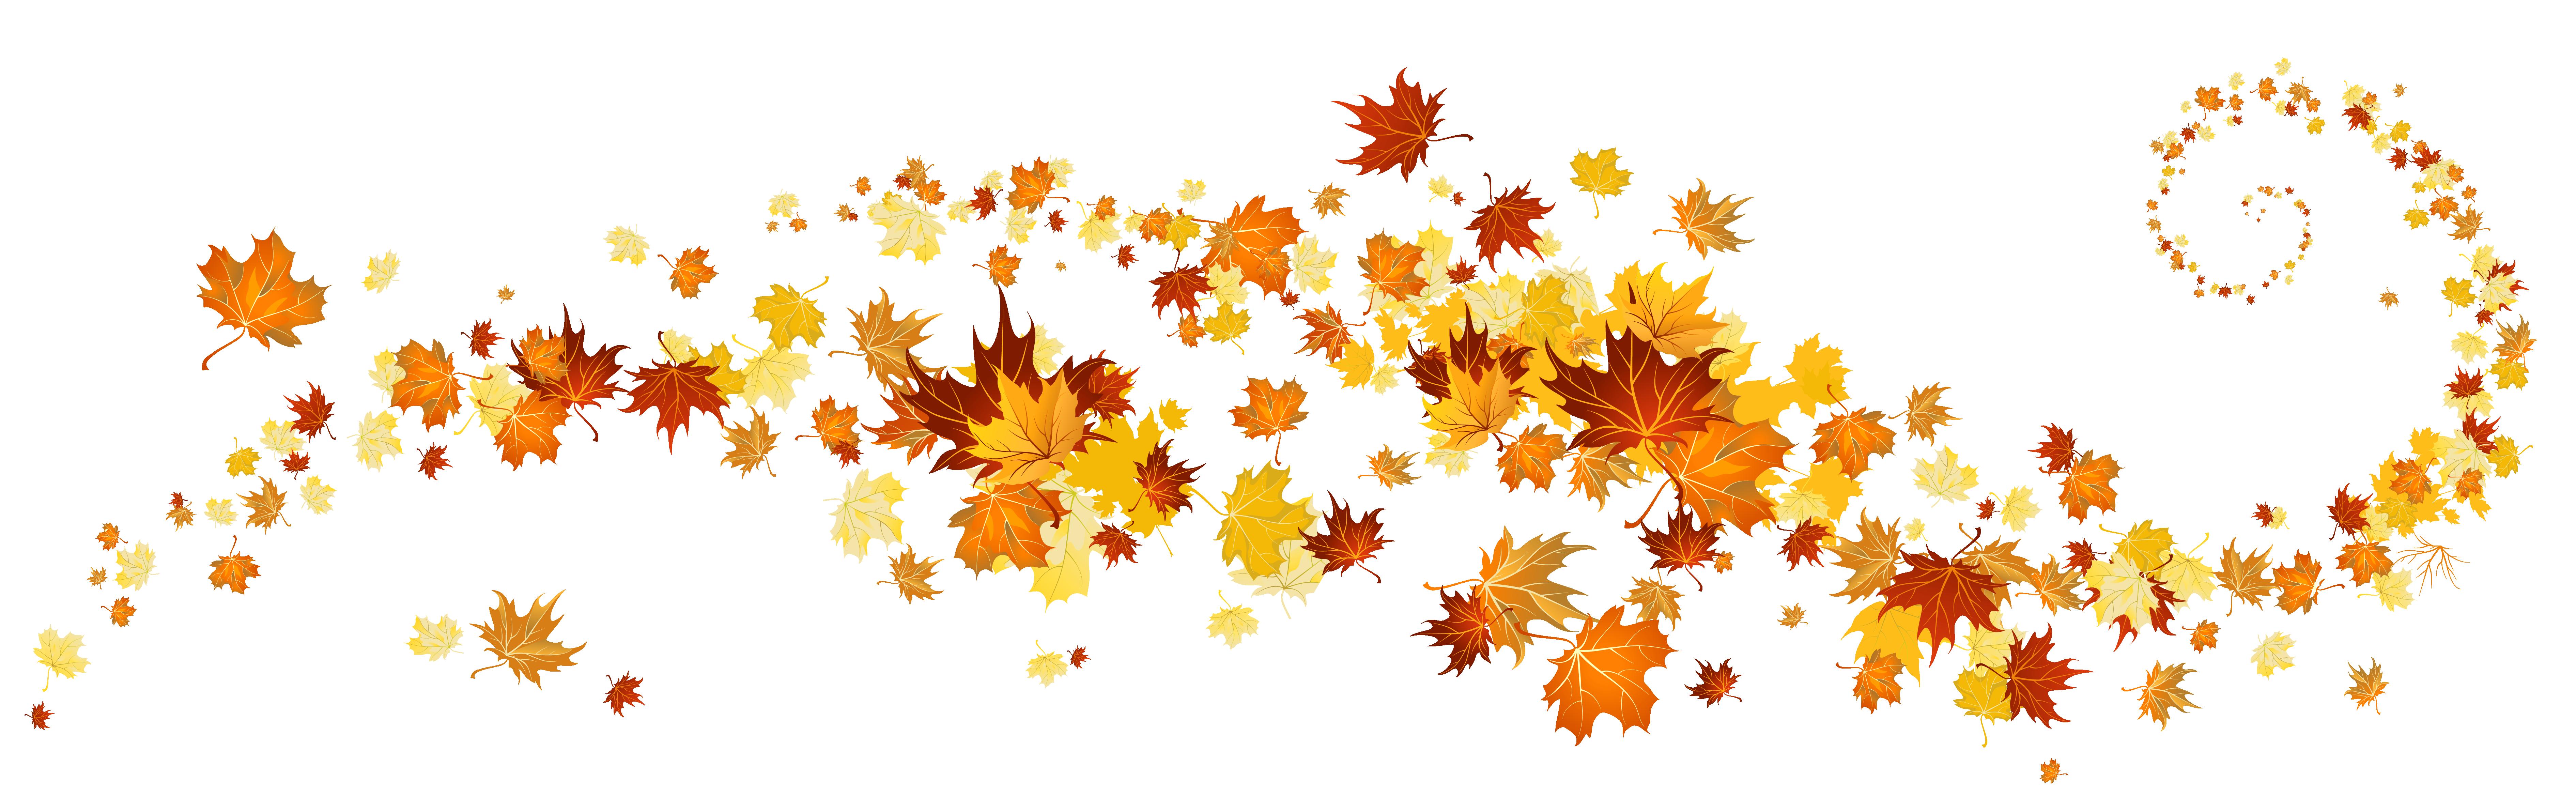 Autumn Fall Leaves Fall Leaf Clip Art Ou-Autumn fall leaves fall leaf clip art outline free clipart images-7